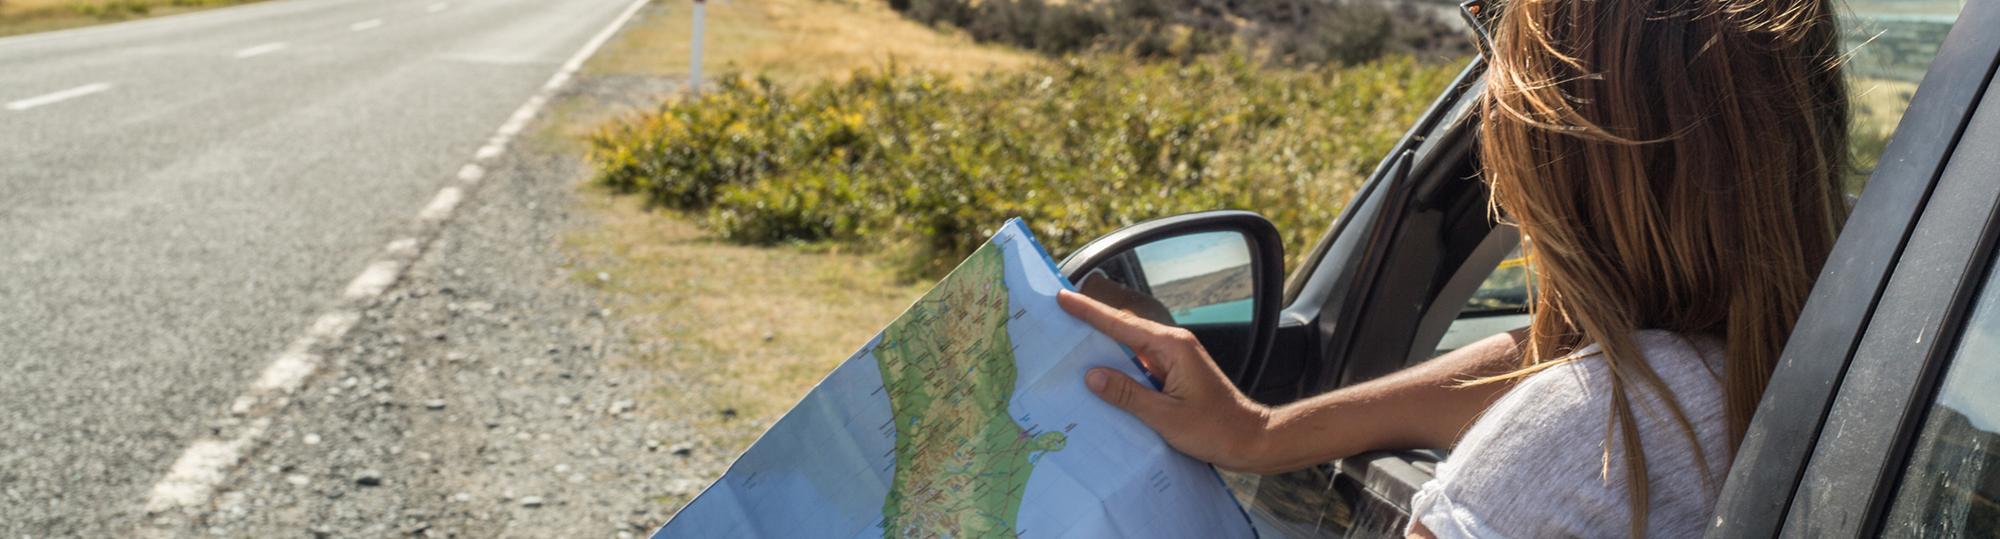 thrifty rental car deal hero girl on road trip in rental car